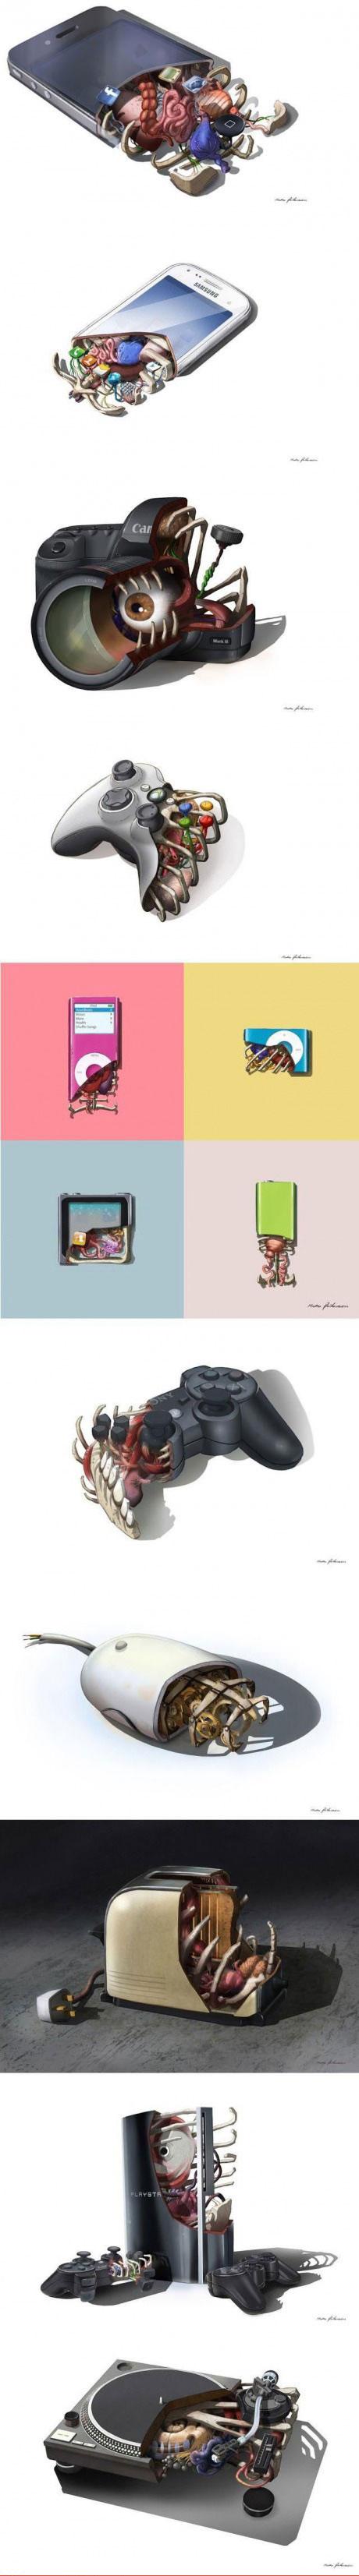 art, anatomy, device, gadget, wtf, win